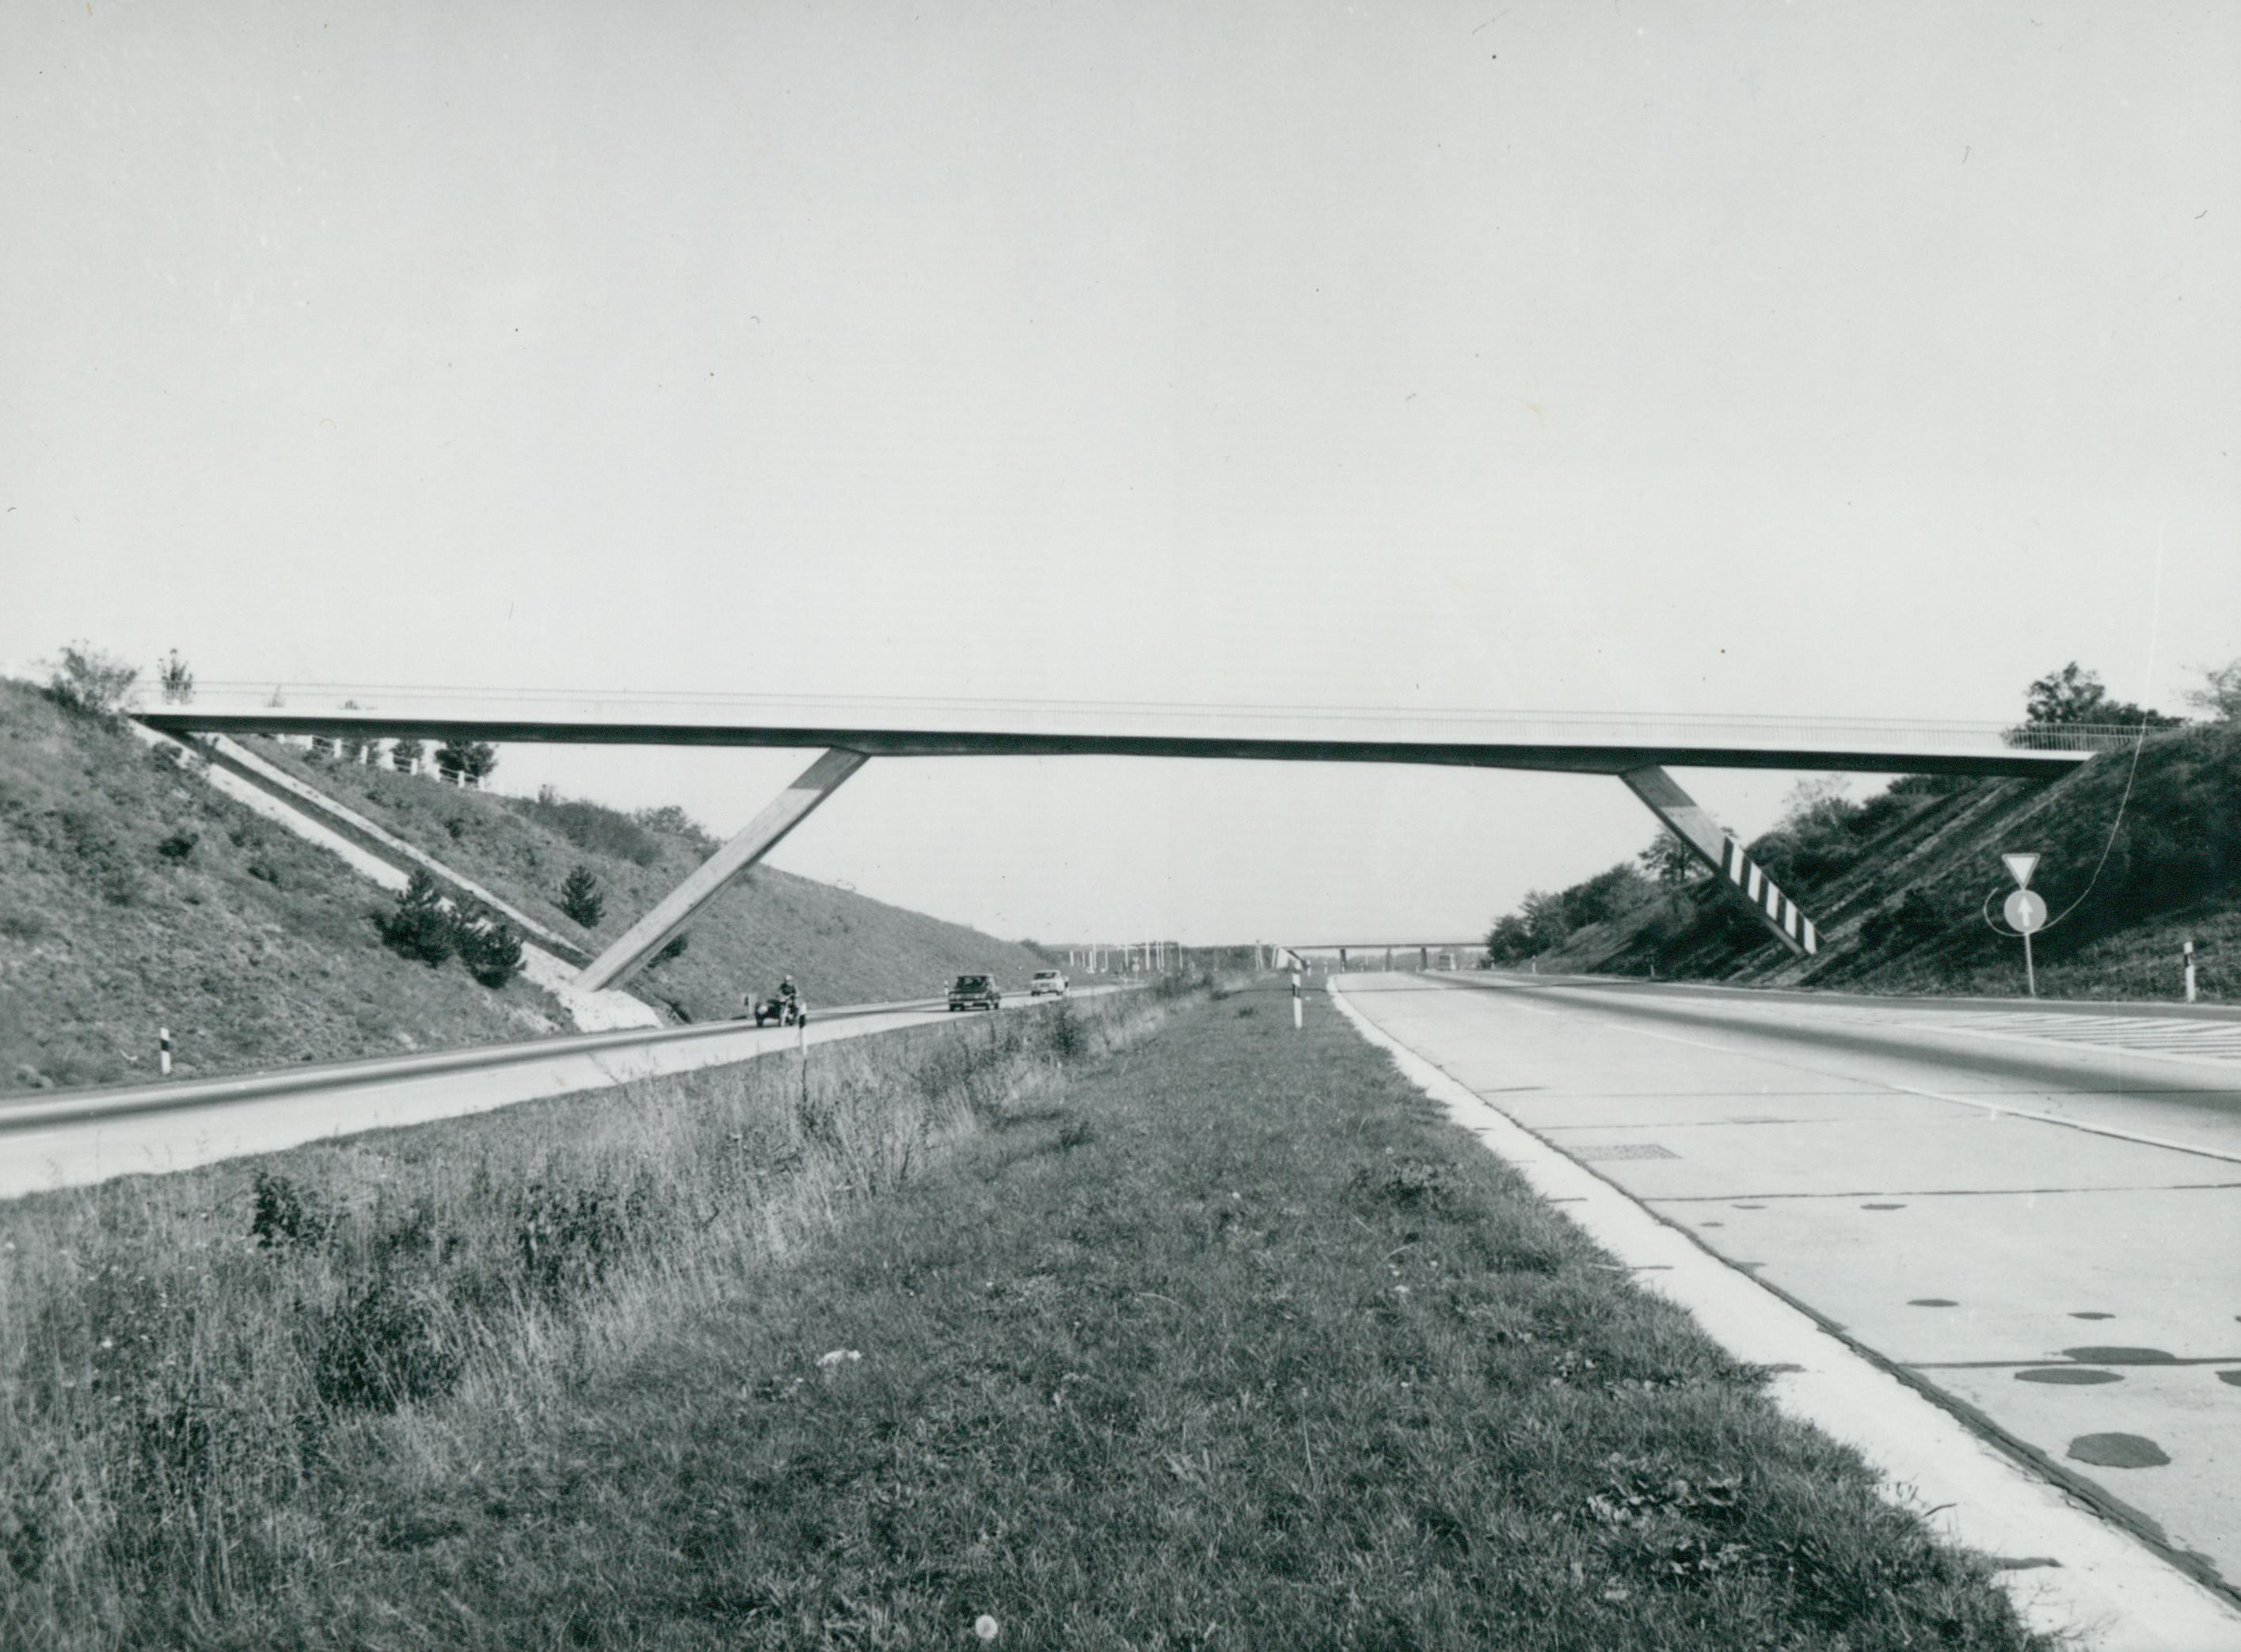 Átjáró híd a velencei pihenőhelynél az M7-es autópályán